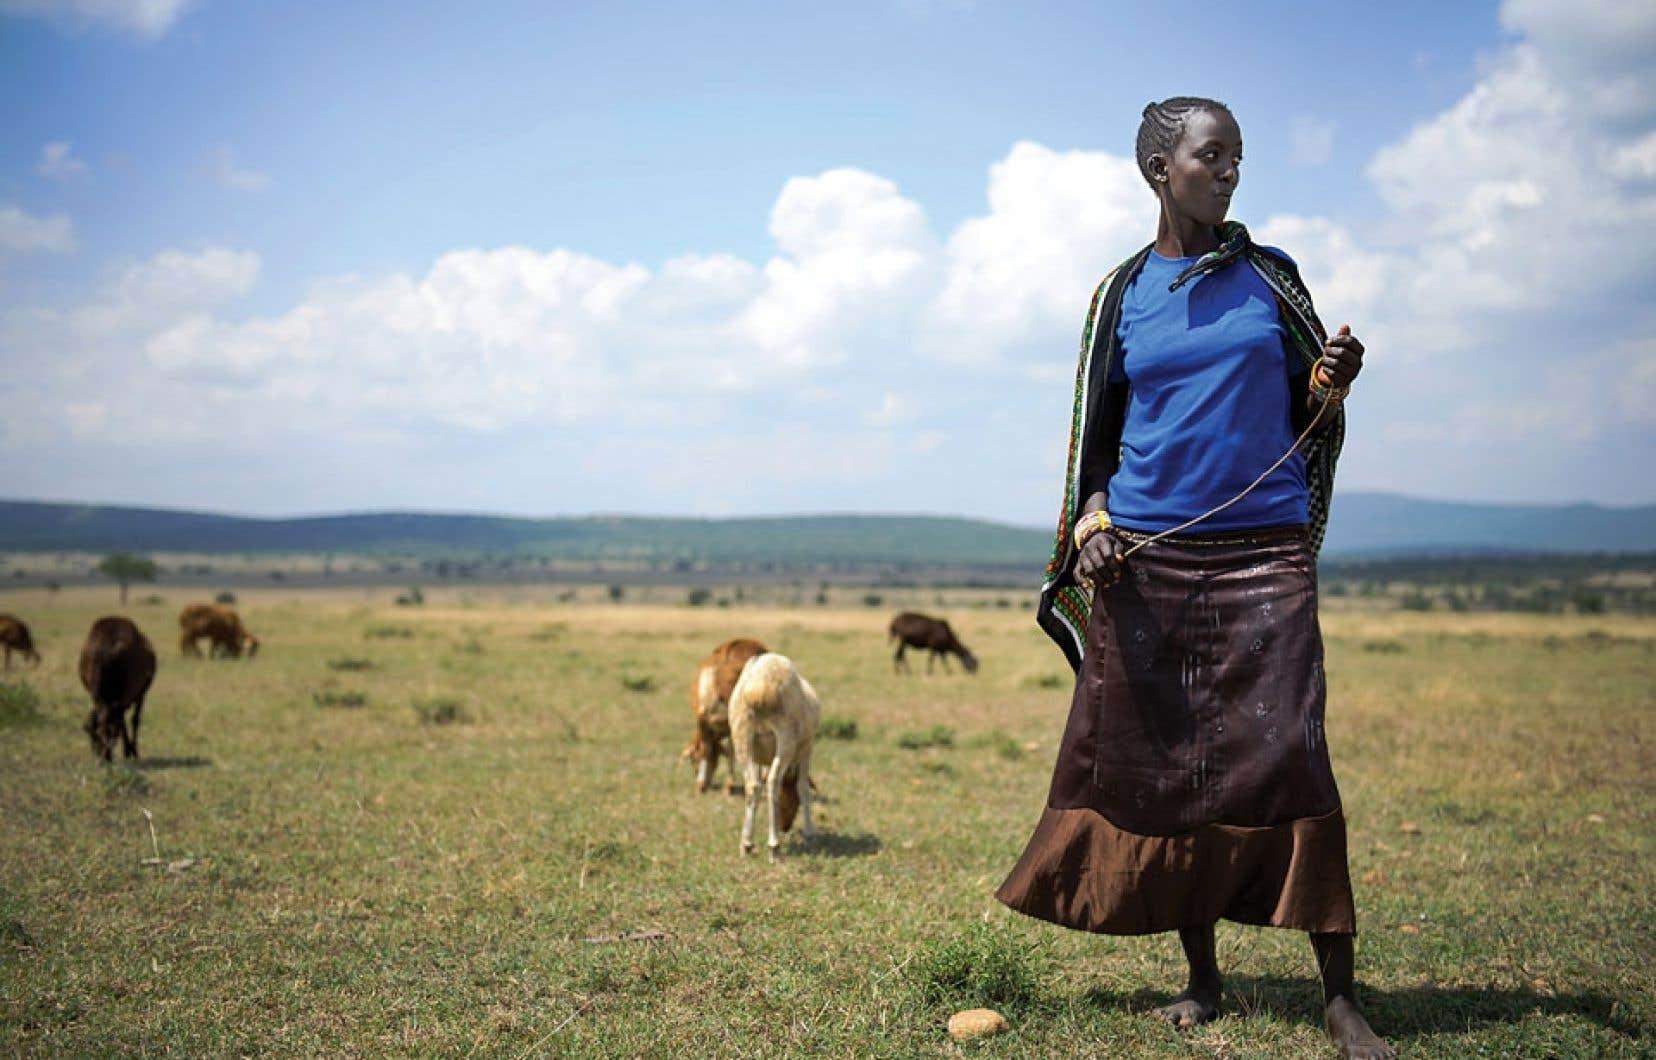 La proportion d'agriculteurs a baissé au cours du XXe siècle dans toutes les régions du monde. Dans les pays en développement, elle est passée de 81 % à 48,2 % entre 1950 et 2010.